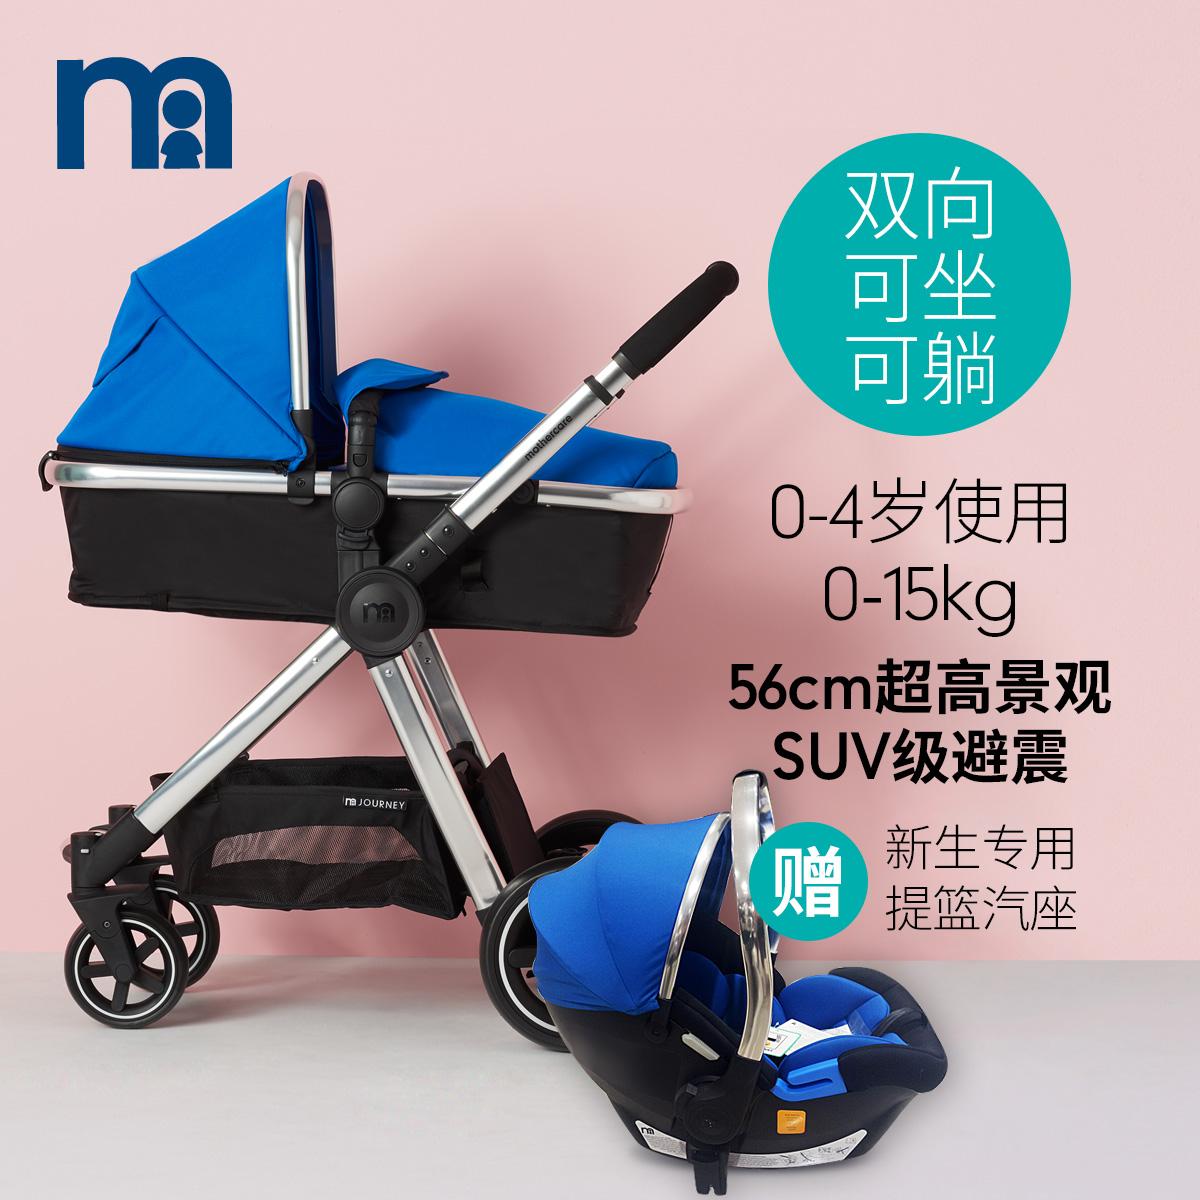 [送提篮]mothercare高景观婴儿推车双向可坐躺宝宝避震四轮推车